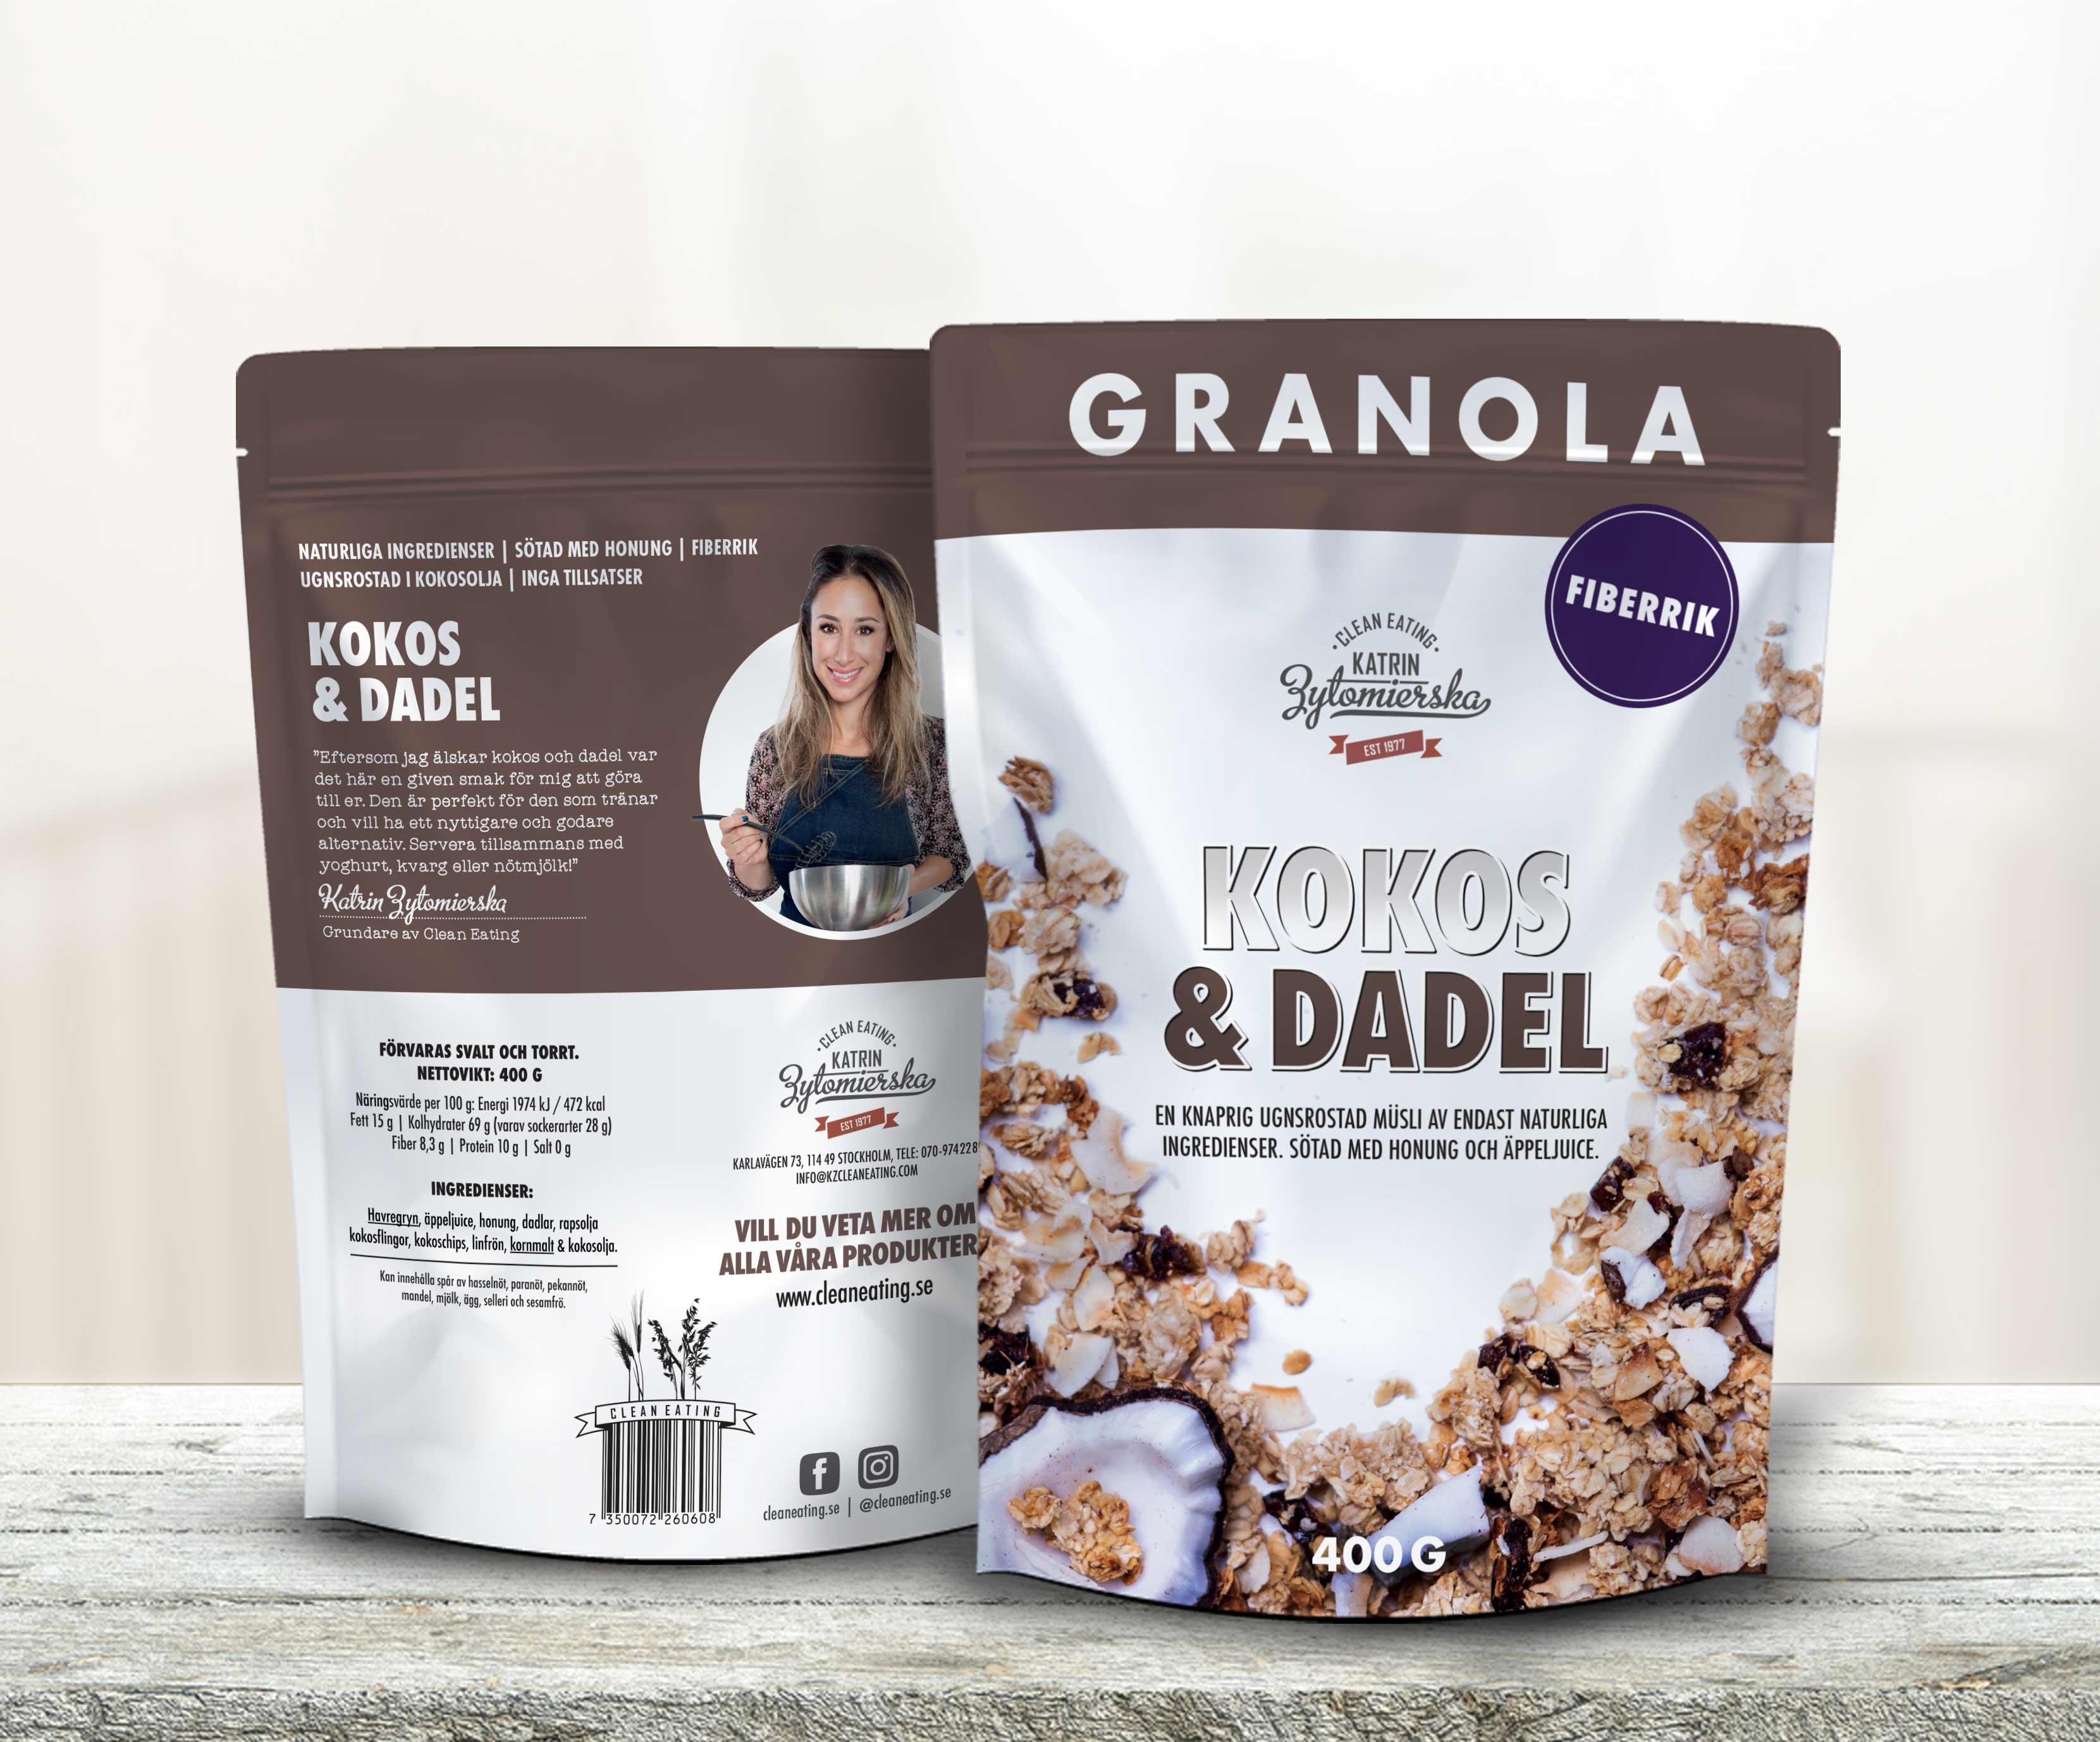 granola_kz_kokos